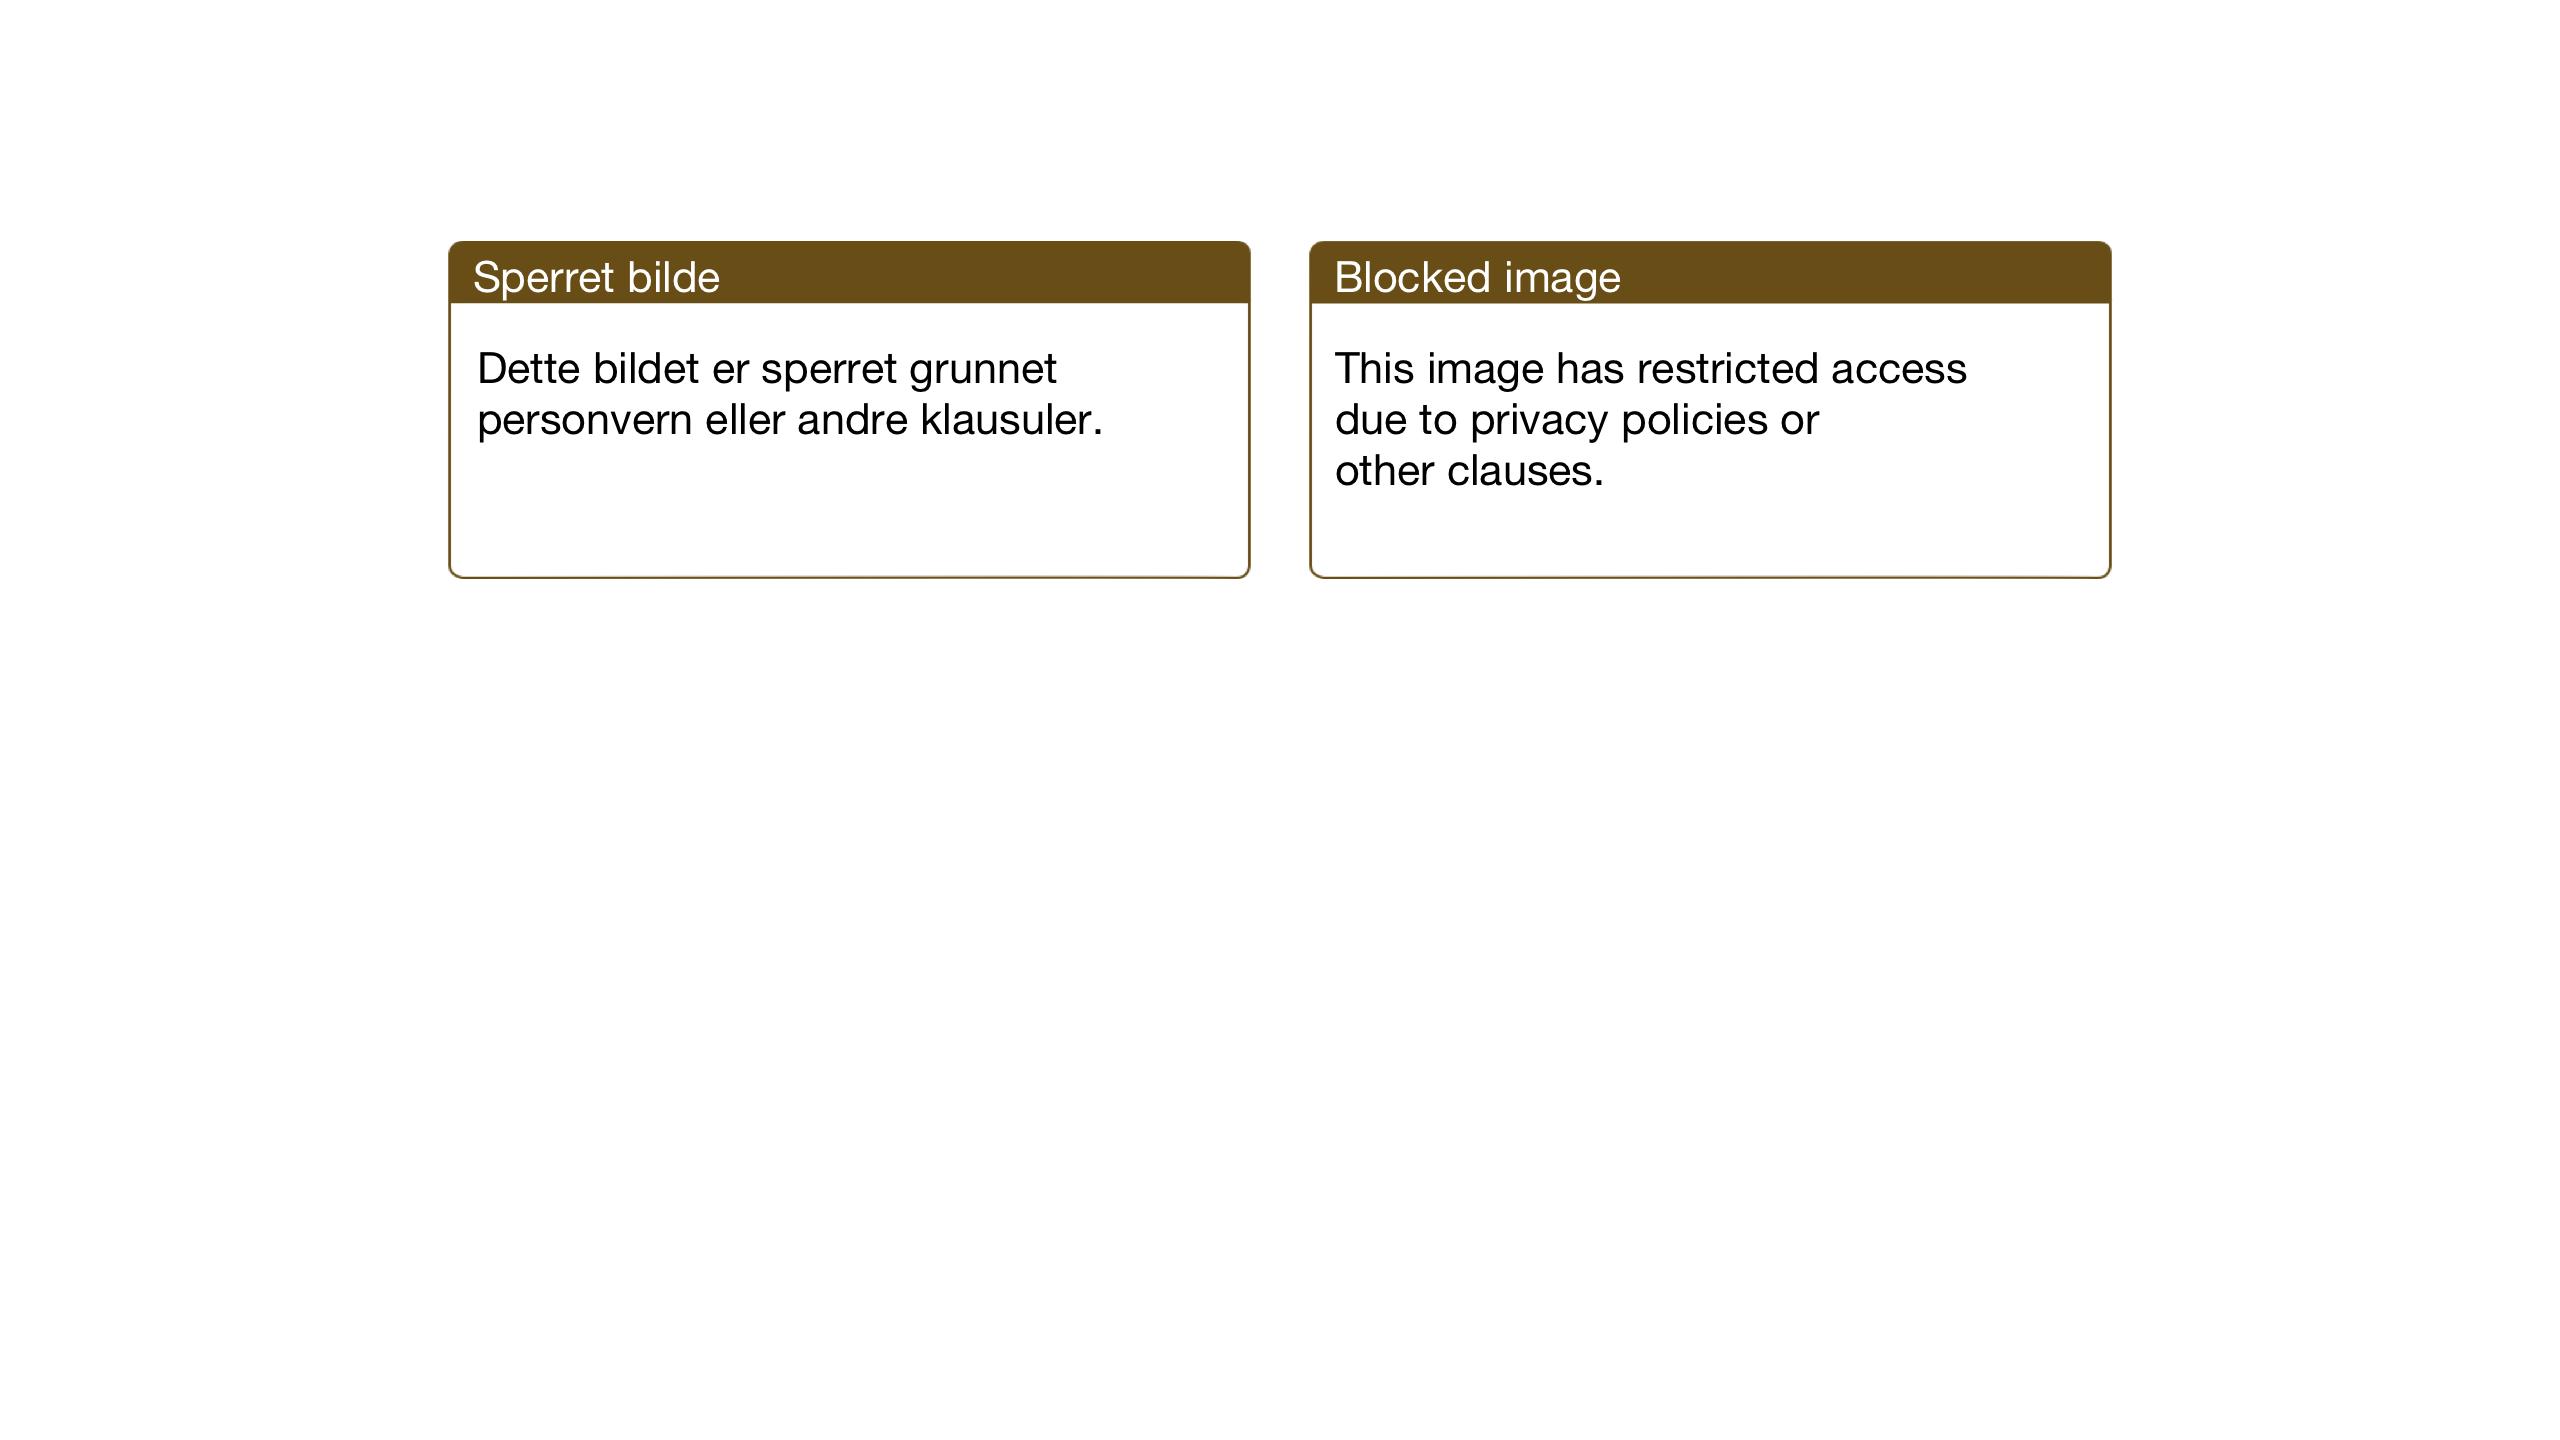 SAT, Ministerialprotokoller, klokkerbøker og fødselsregistre - Nord-Trøndelag, 714/L0136: Klokkerbok nr. 714C05, 1918-1957, s. 246